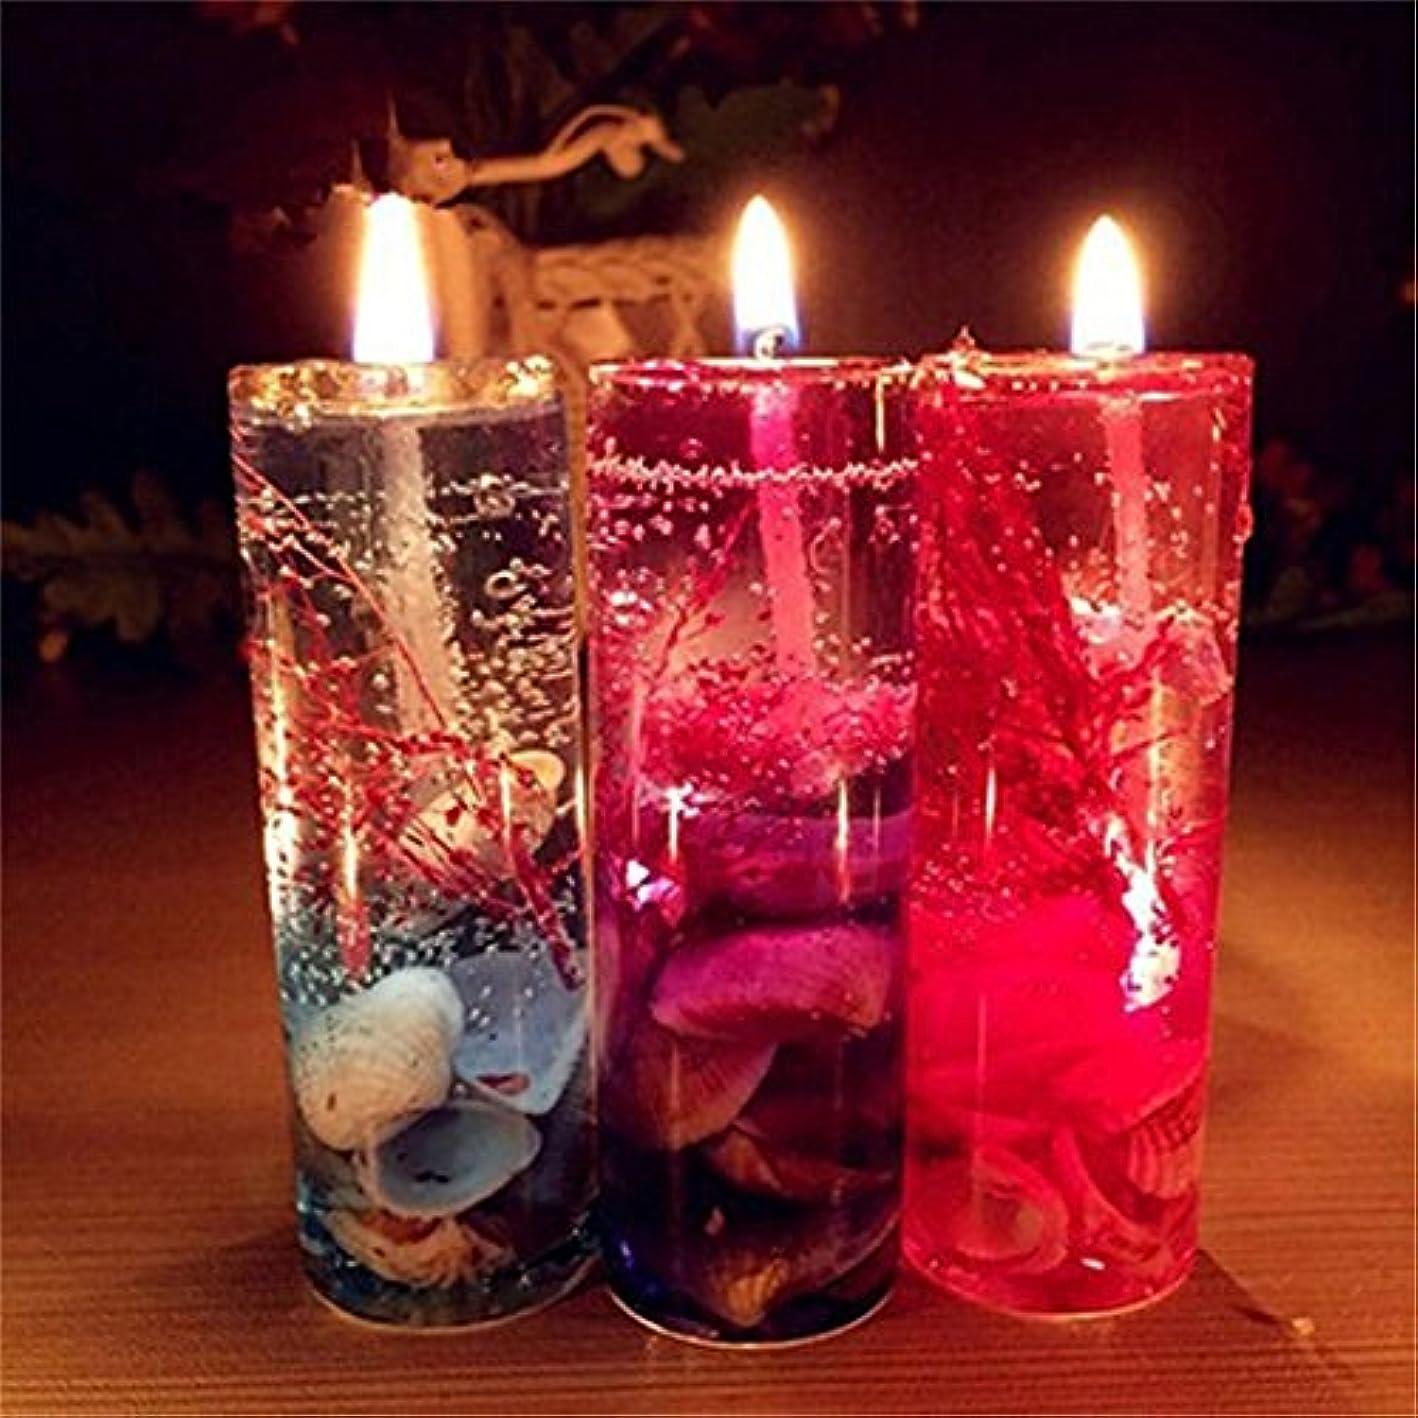 カセット海港厳密にinverlee 1pcアロマセラピーSmokelessキャンドルオーシャンシェルValentines香りつきJelly Candle Make Yourバレンタインの日More Romantic